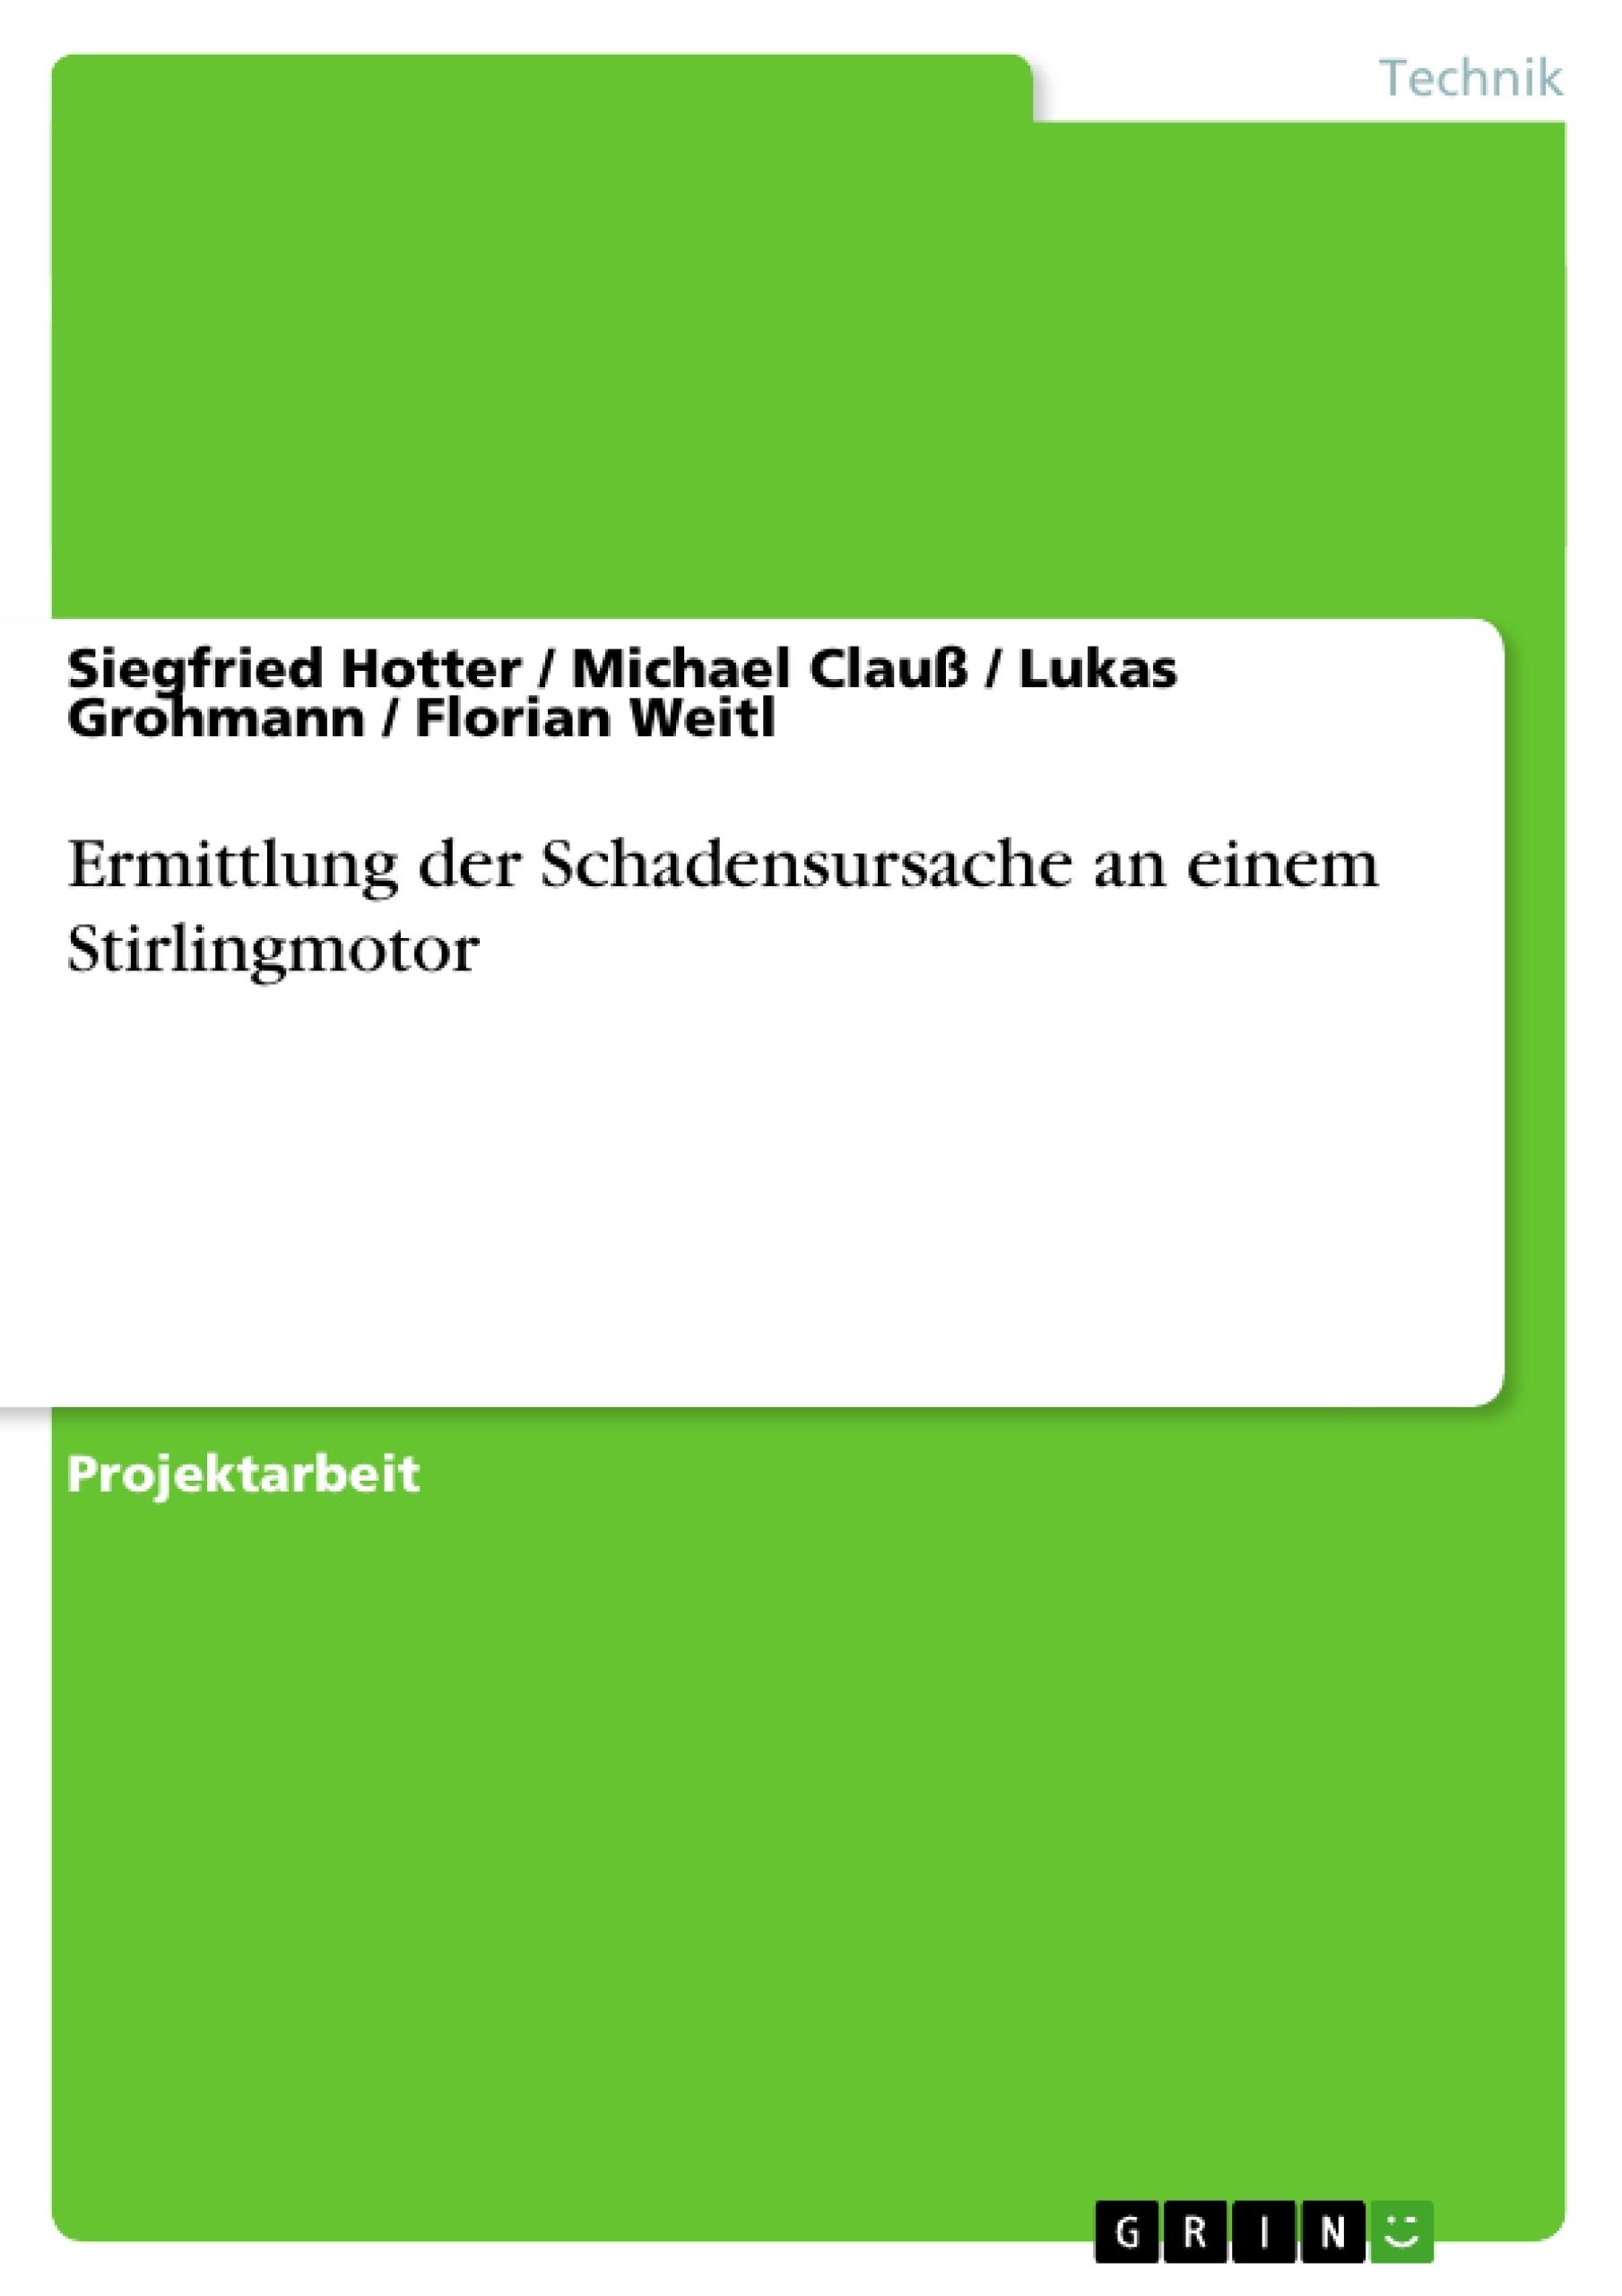 Titel: Ermittlung der Schadensursache an einem Stirlingmotor